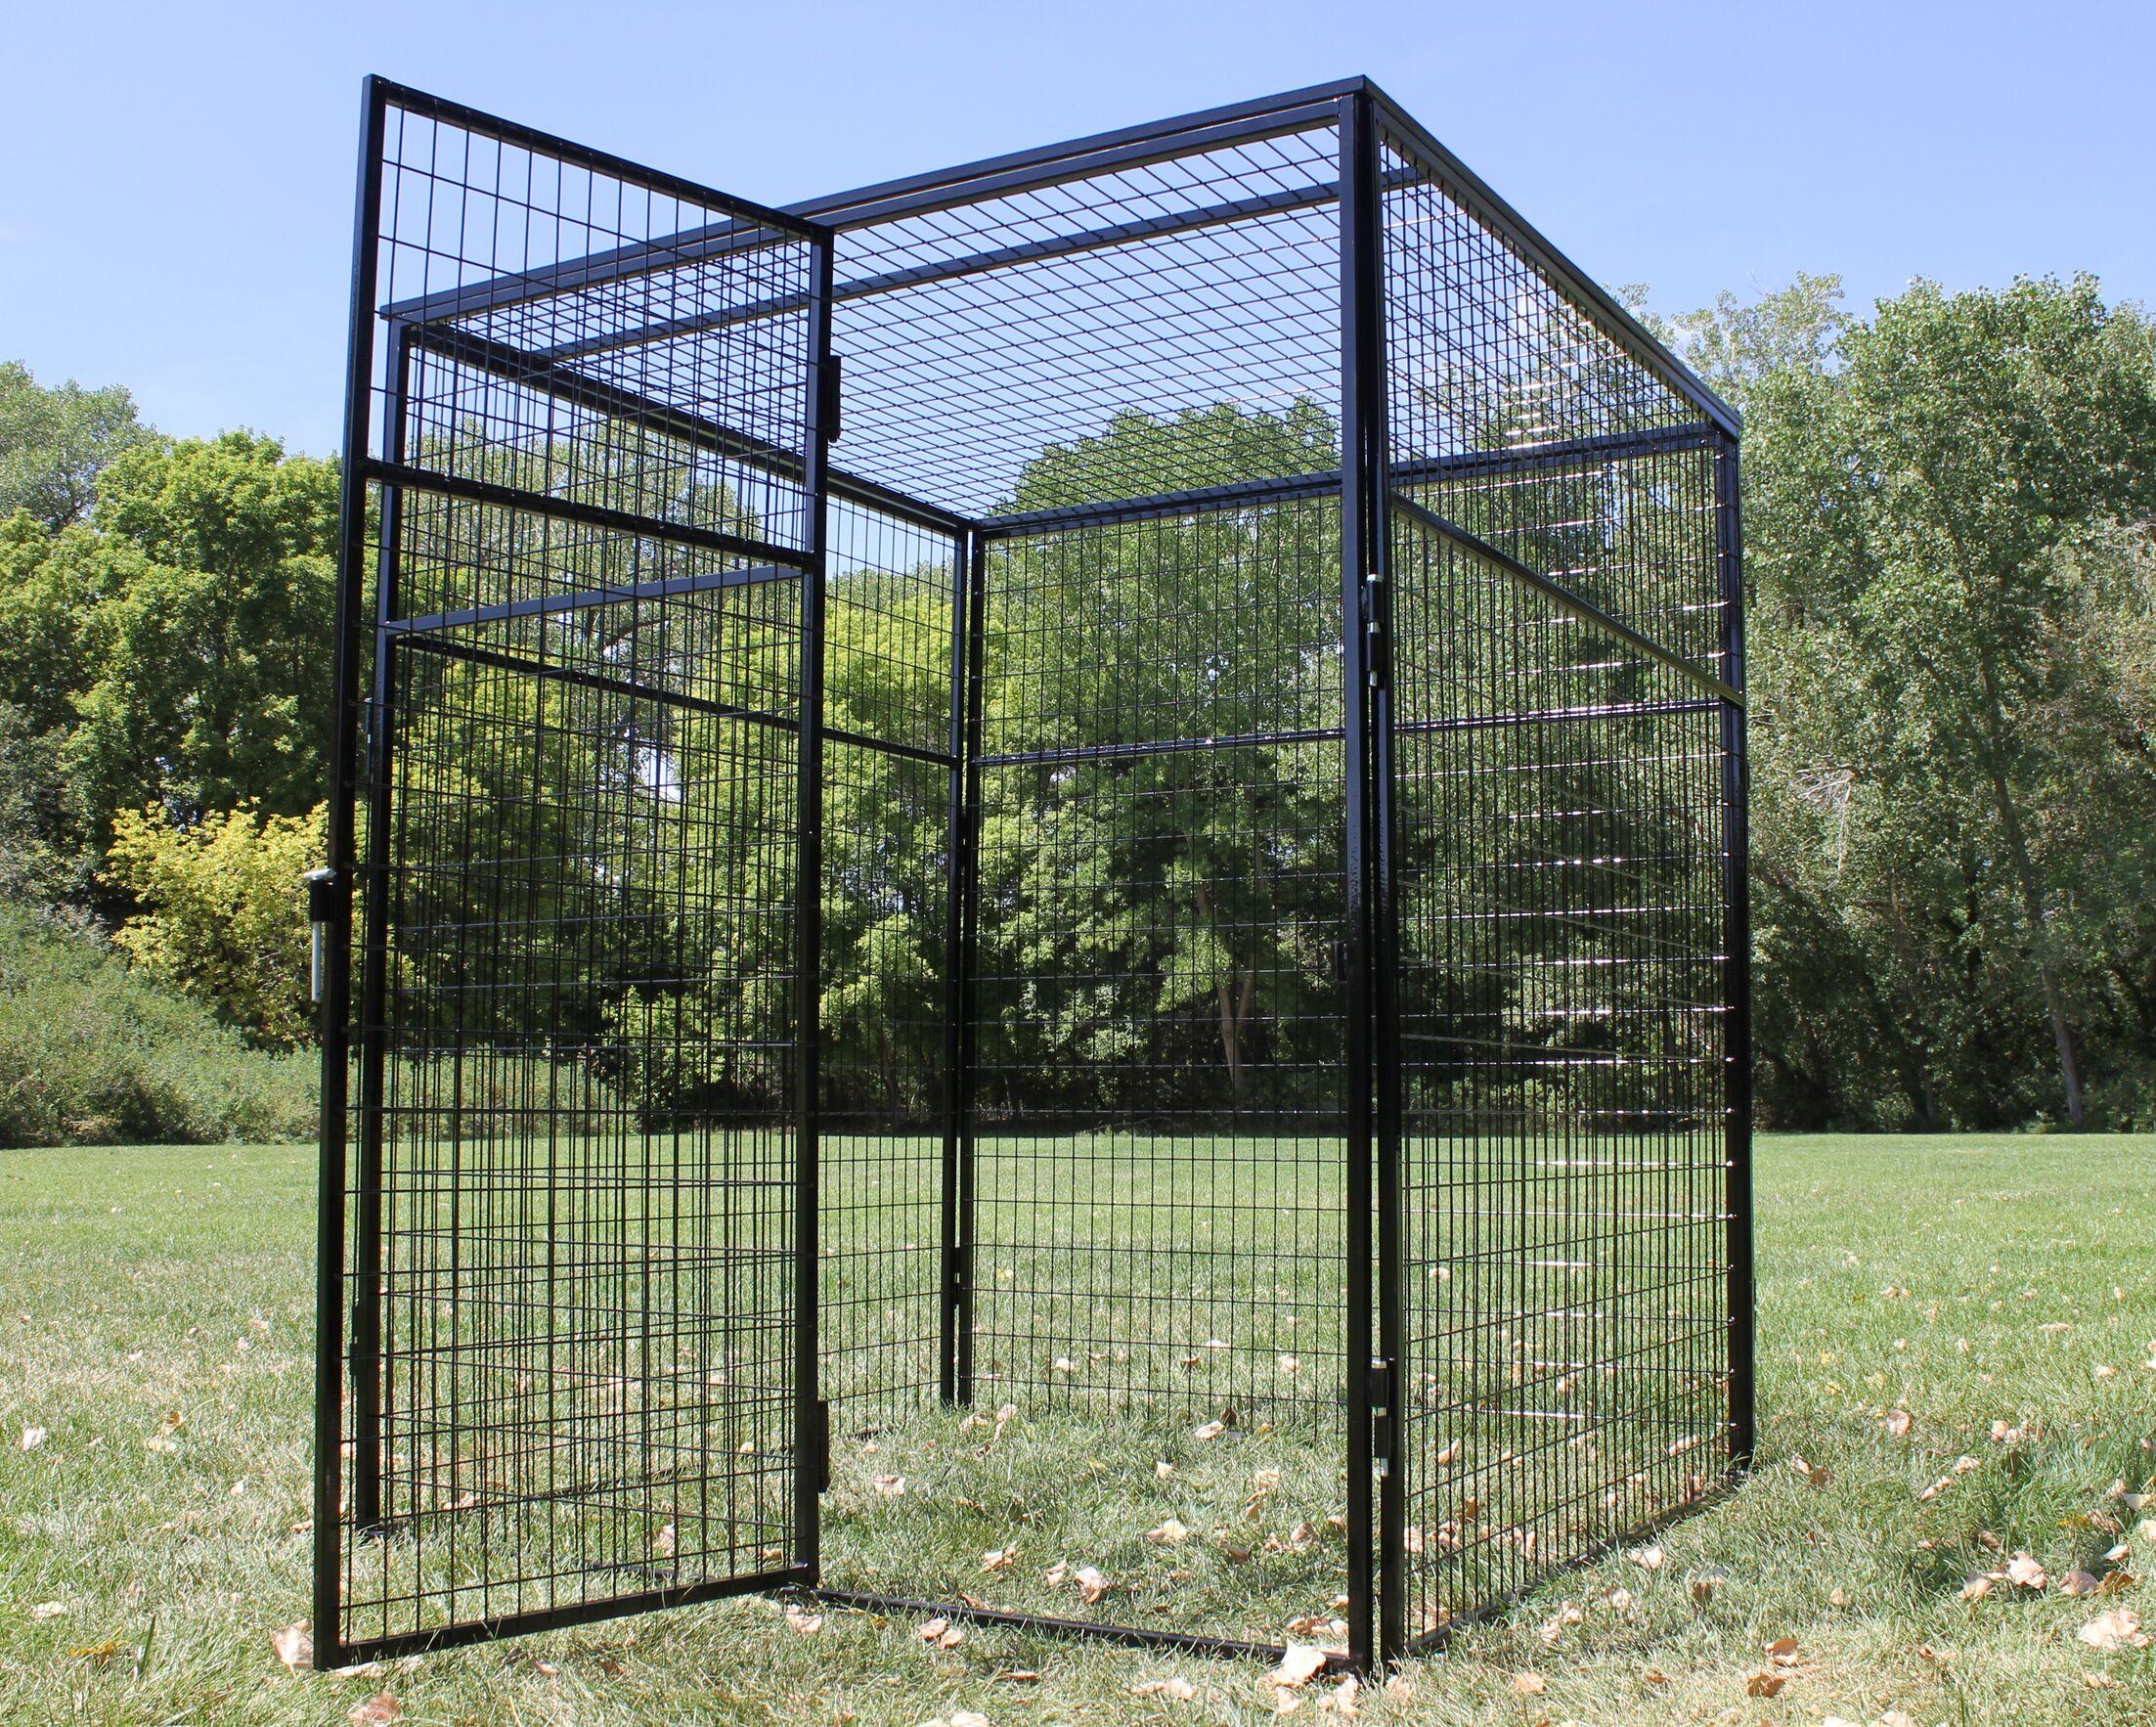 Steel Welded Wire Top Yard Kennel